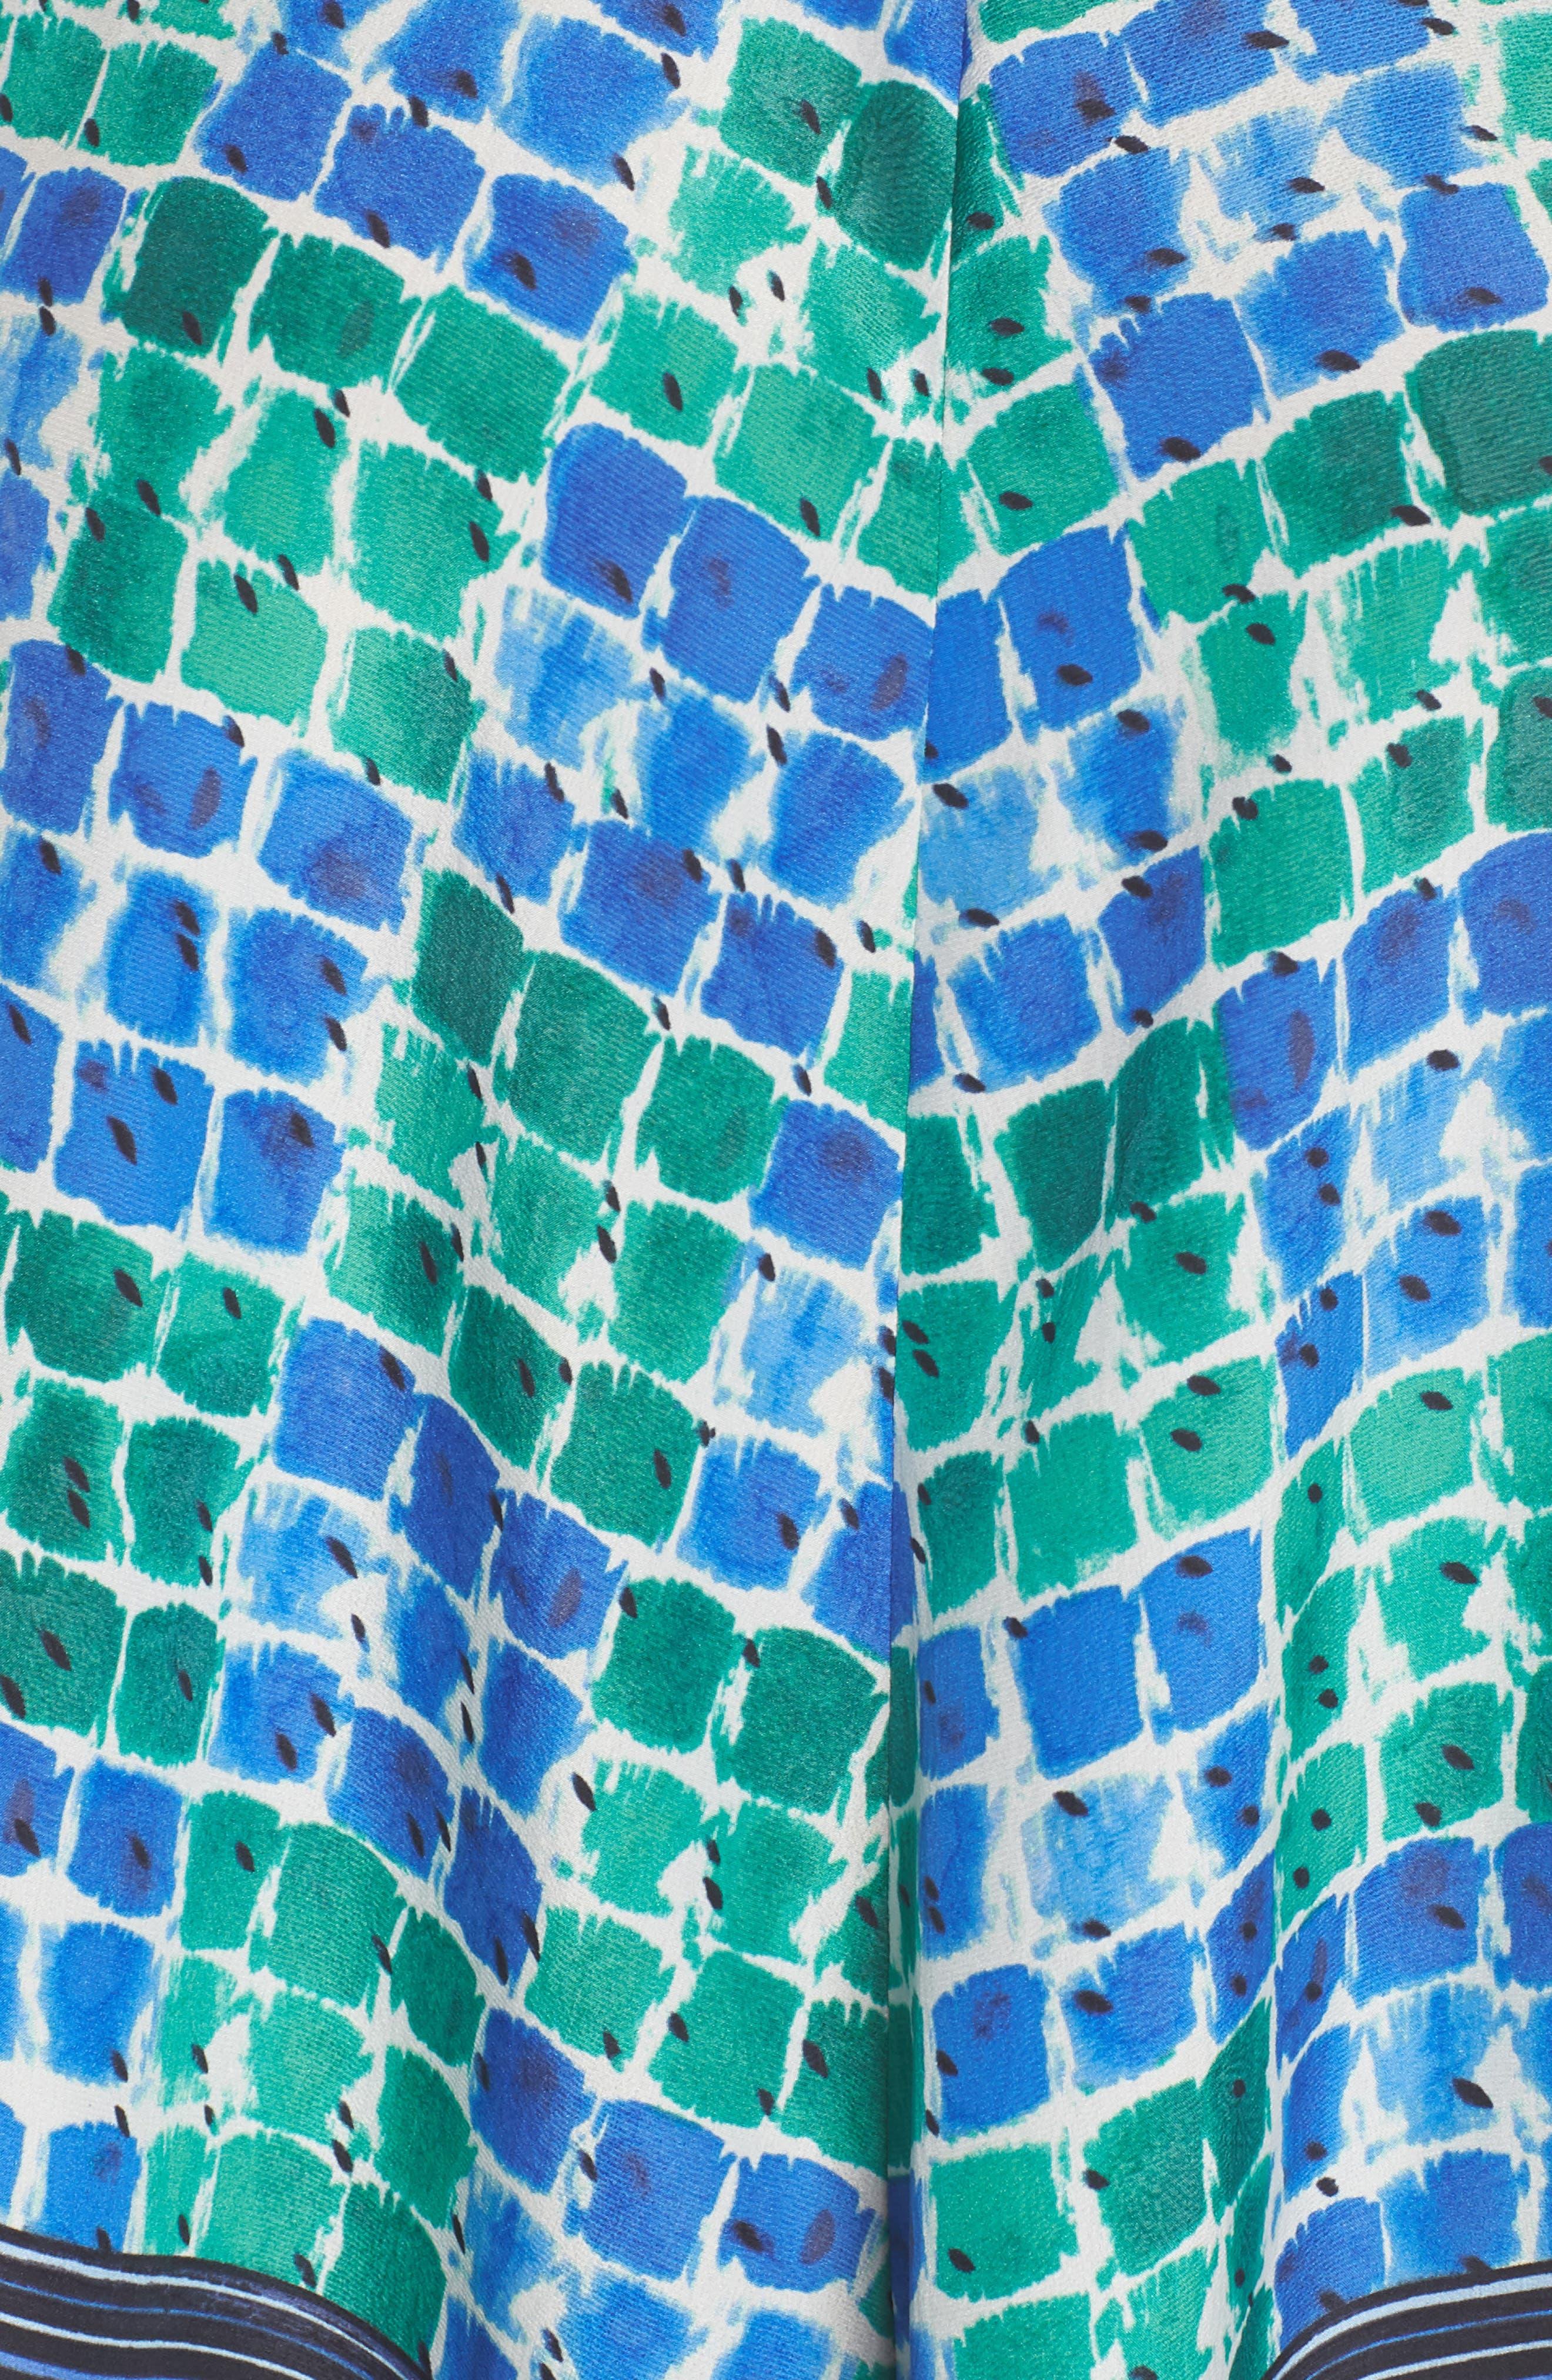 DJ VU Print Tank,                             Alternate thumbnail 5, color,                             Multi